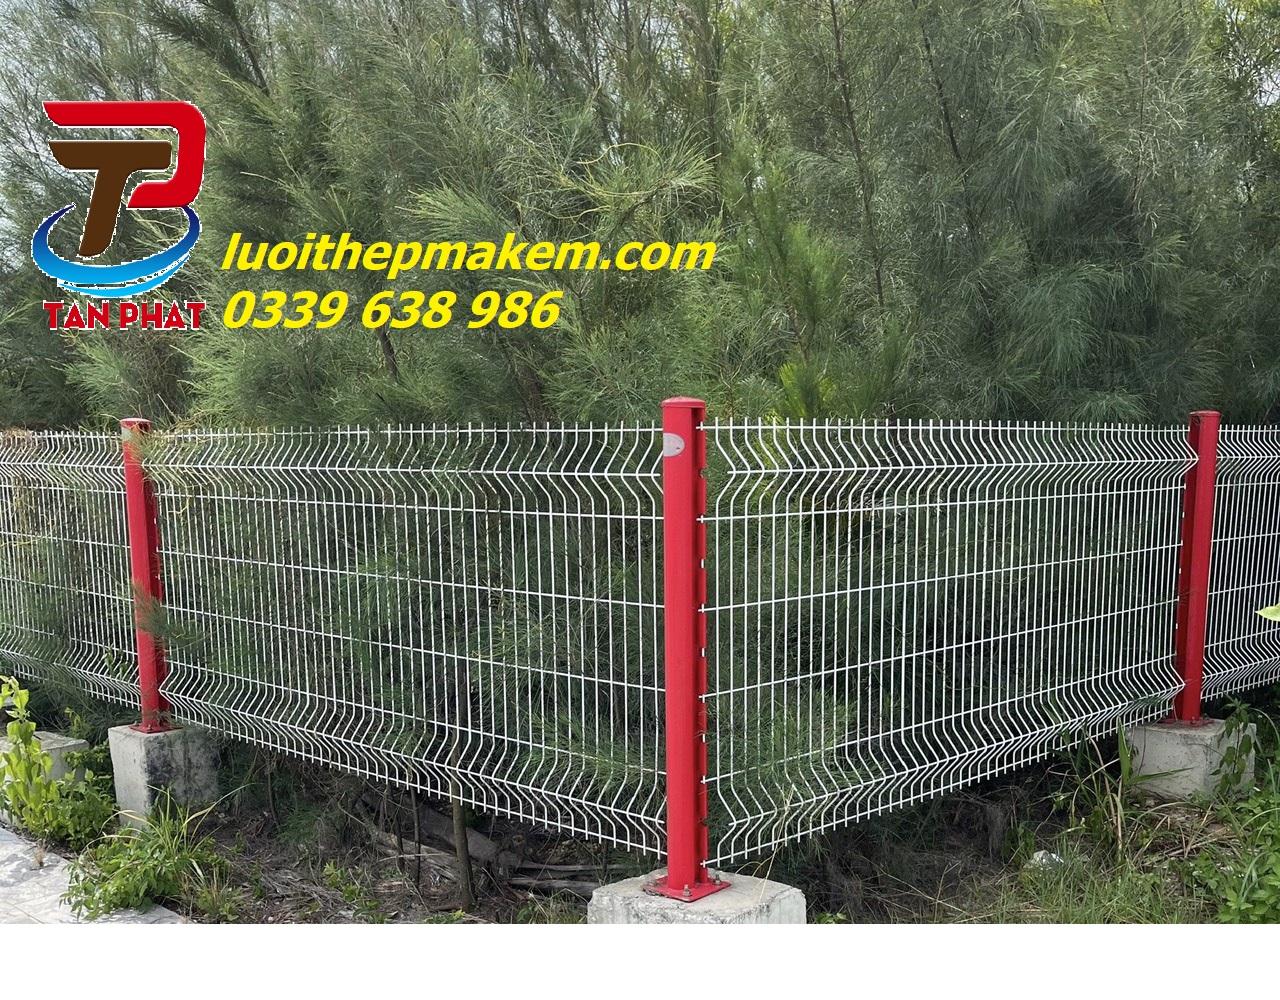 Hàng rào lưới, hàng rào lưới sắt